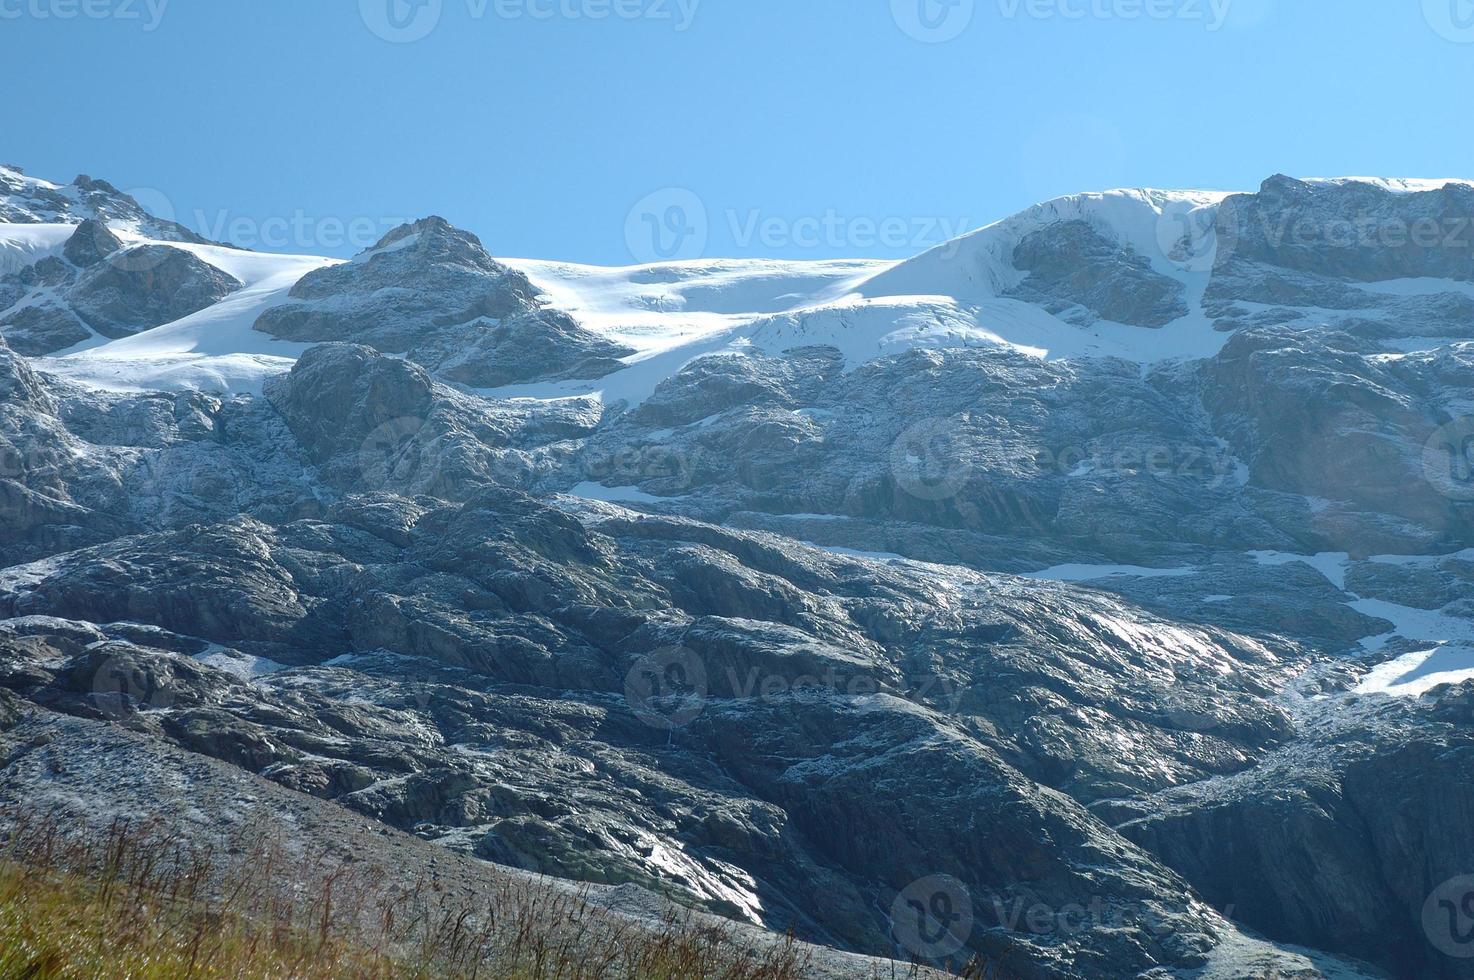 schneespitzen in der nähe von grindelwald in der schweiz foto